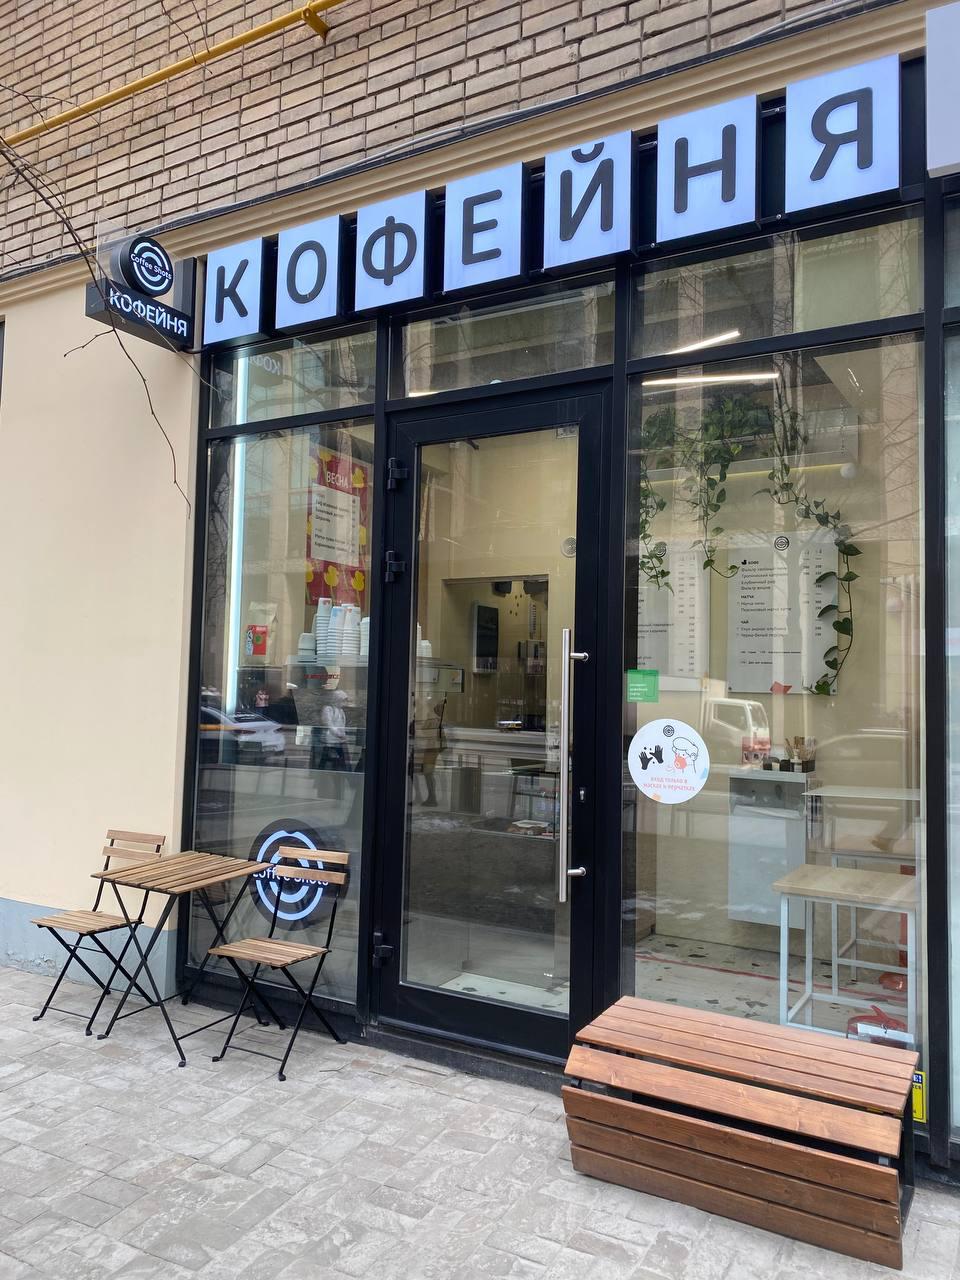 Город: Москва<br/>Заведение: Coffeeshots Lesnaya<br/>ставка: 250 руб/ч